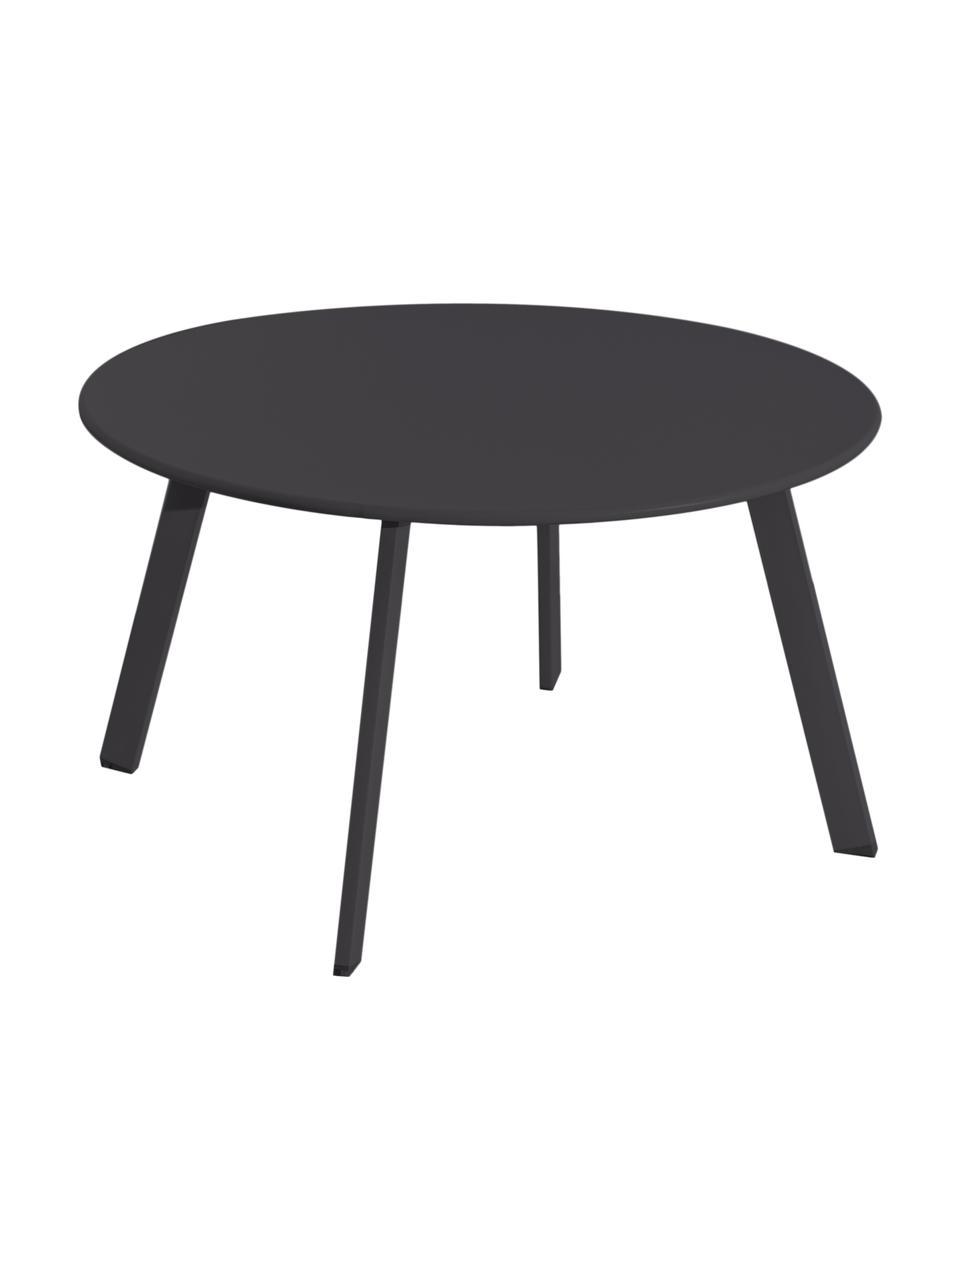 Tavolino da giardino in acciaio antracite Marzia, Acciaio epossidato, Antracite, Ø 70 x Alt. 40 cm